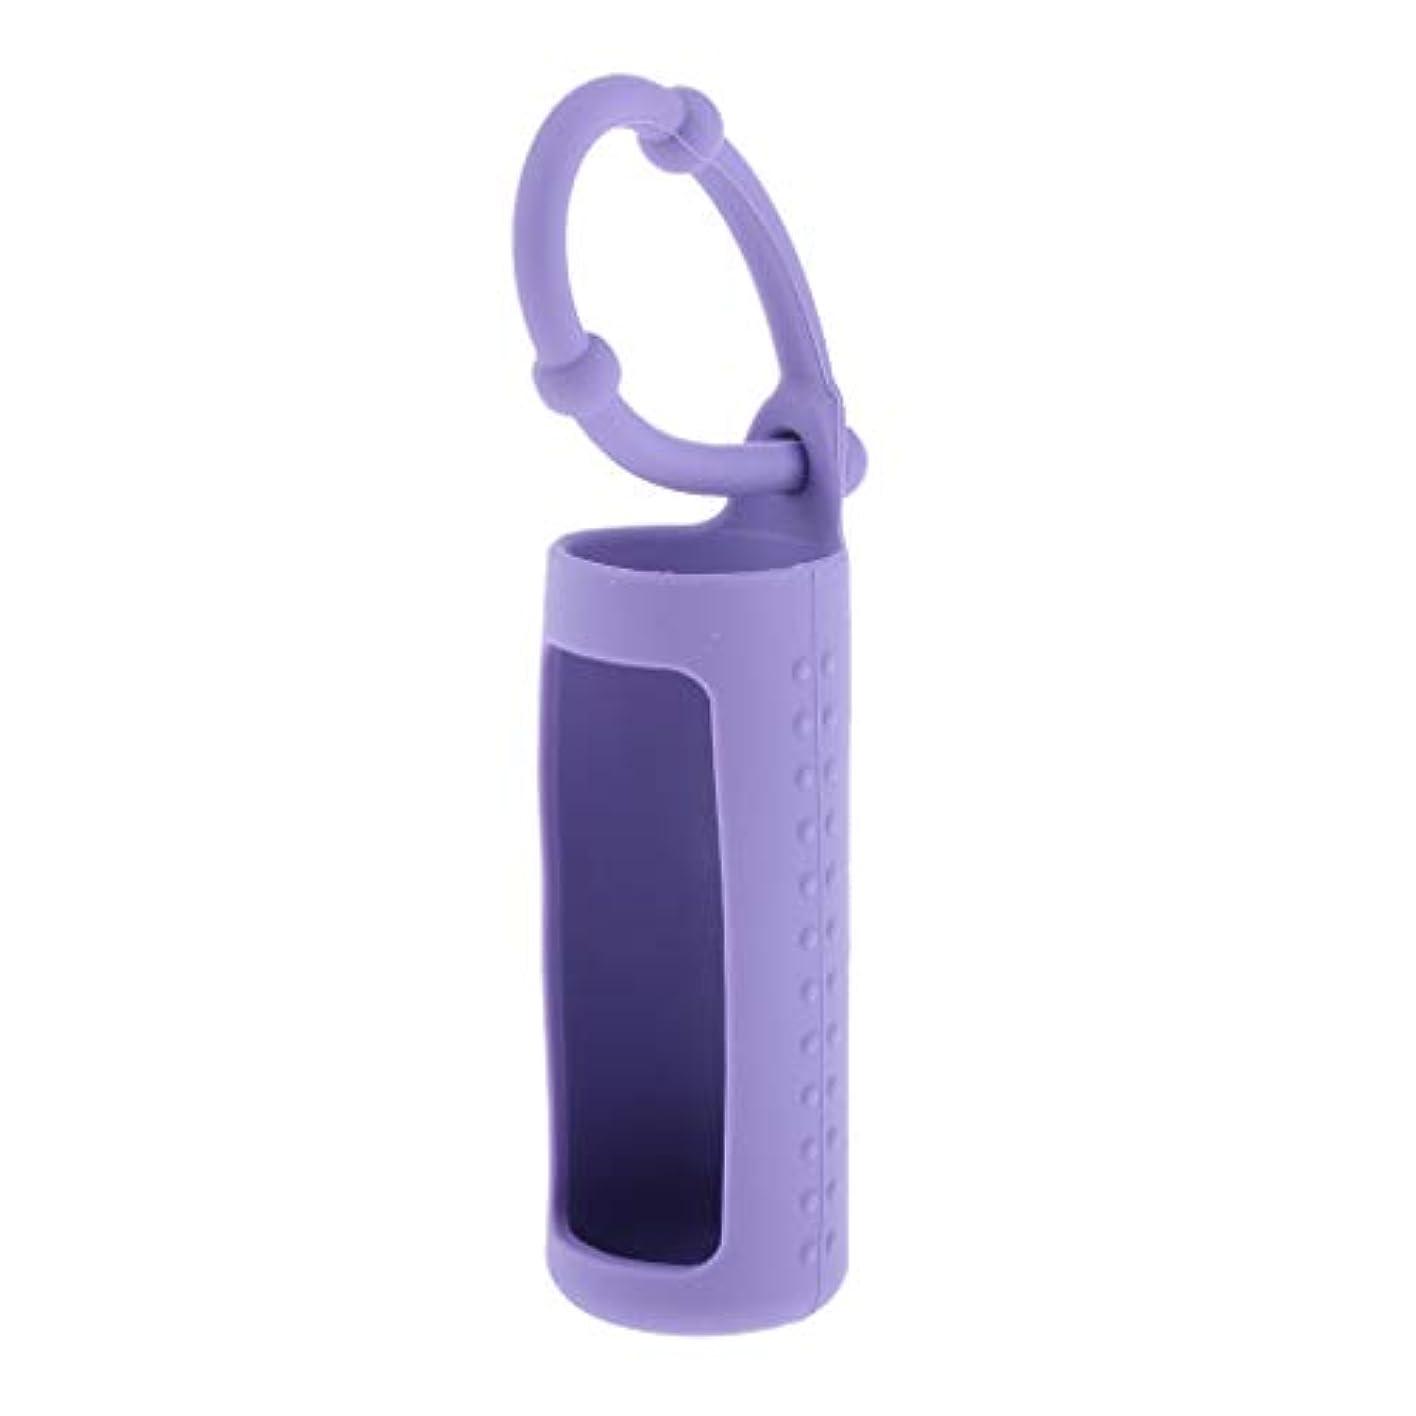 墓地レキシコンメガロポリスdailymall エッセンシャルオイル 精油 香水ボトル ホルダー 詰替え容器 吊り掛け 10ml 全6色 - 紫